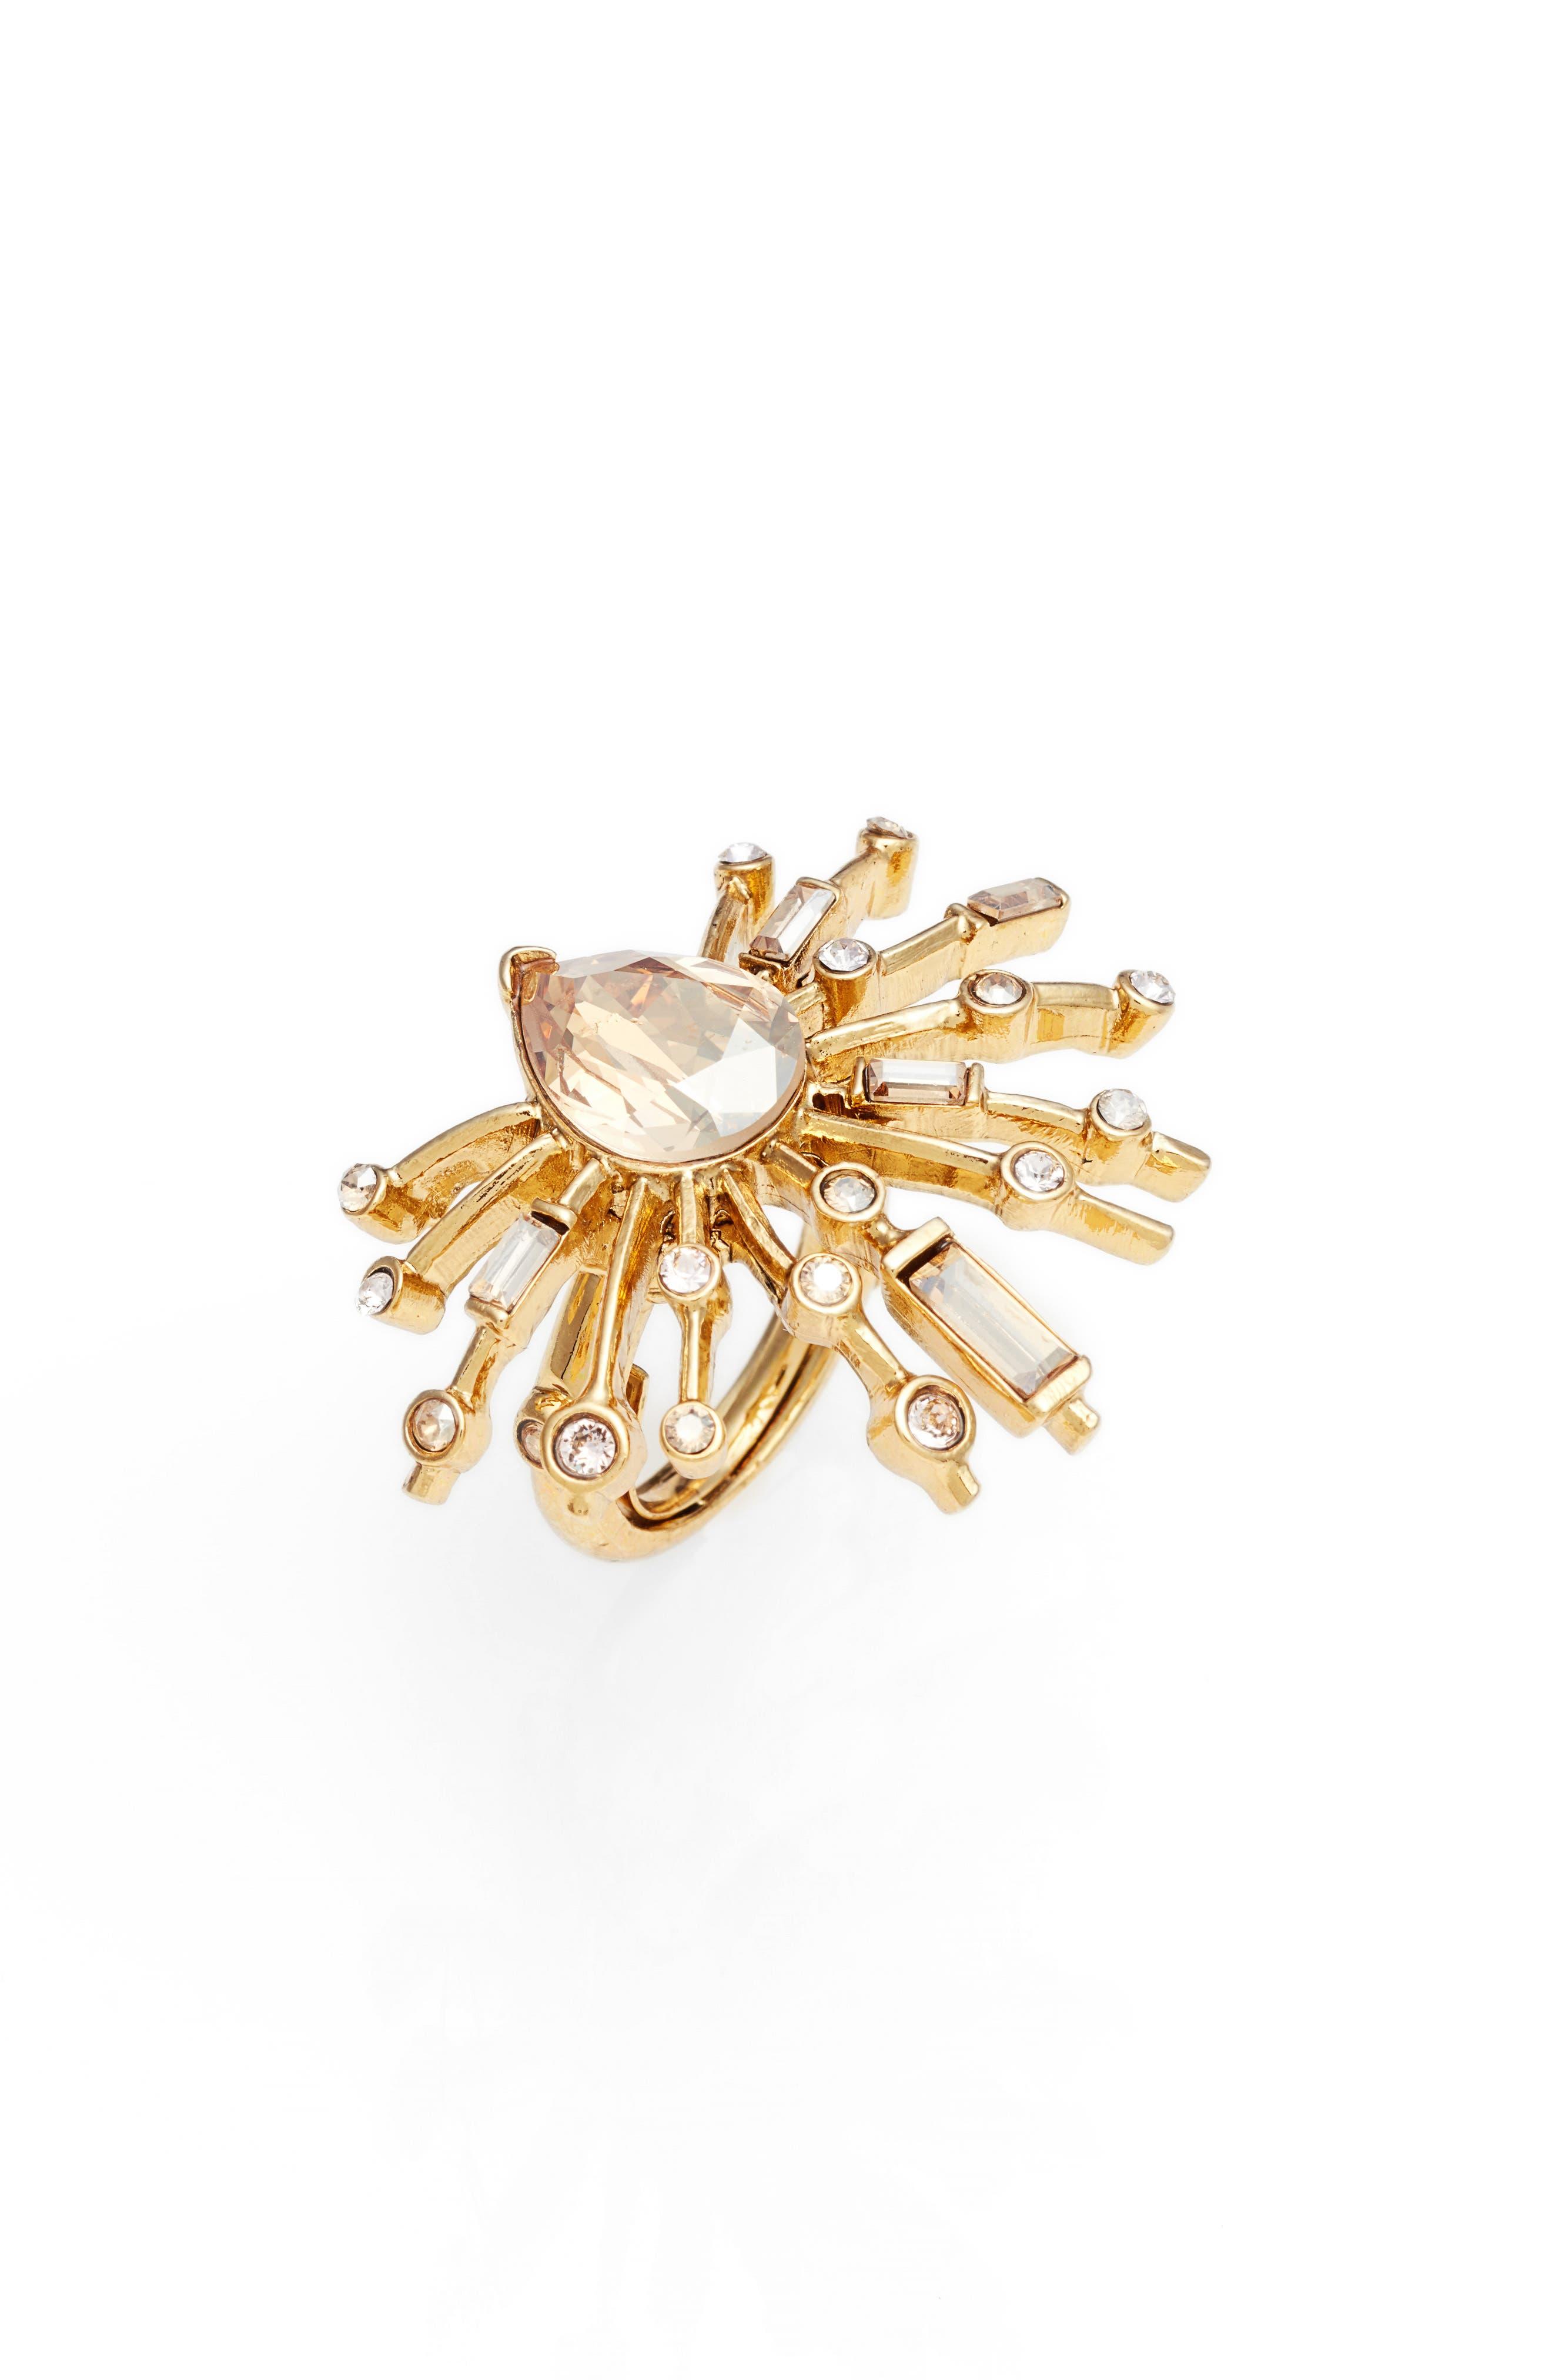 Oscar de la Renta Radial Crystal Ring